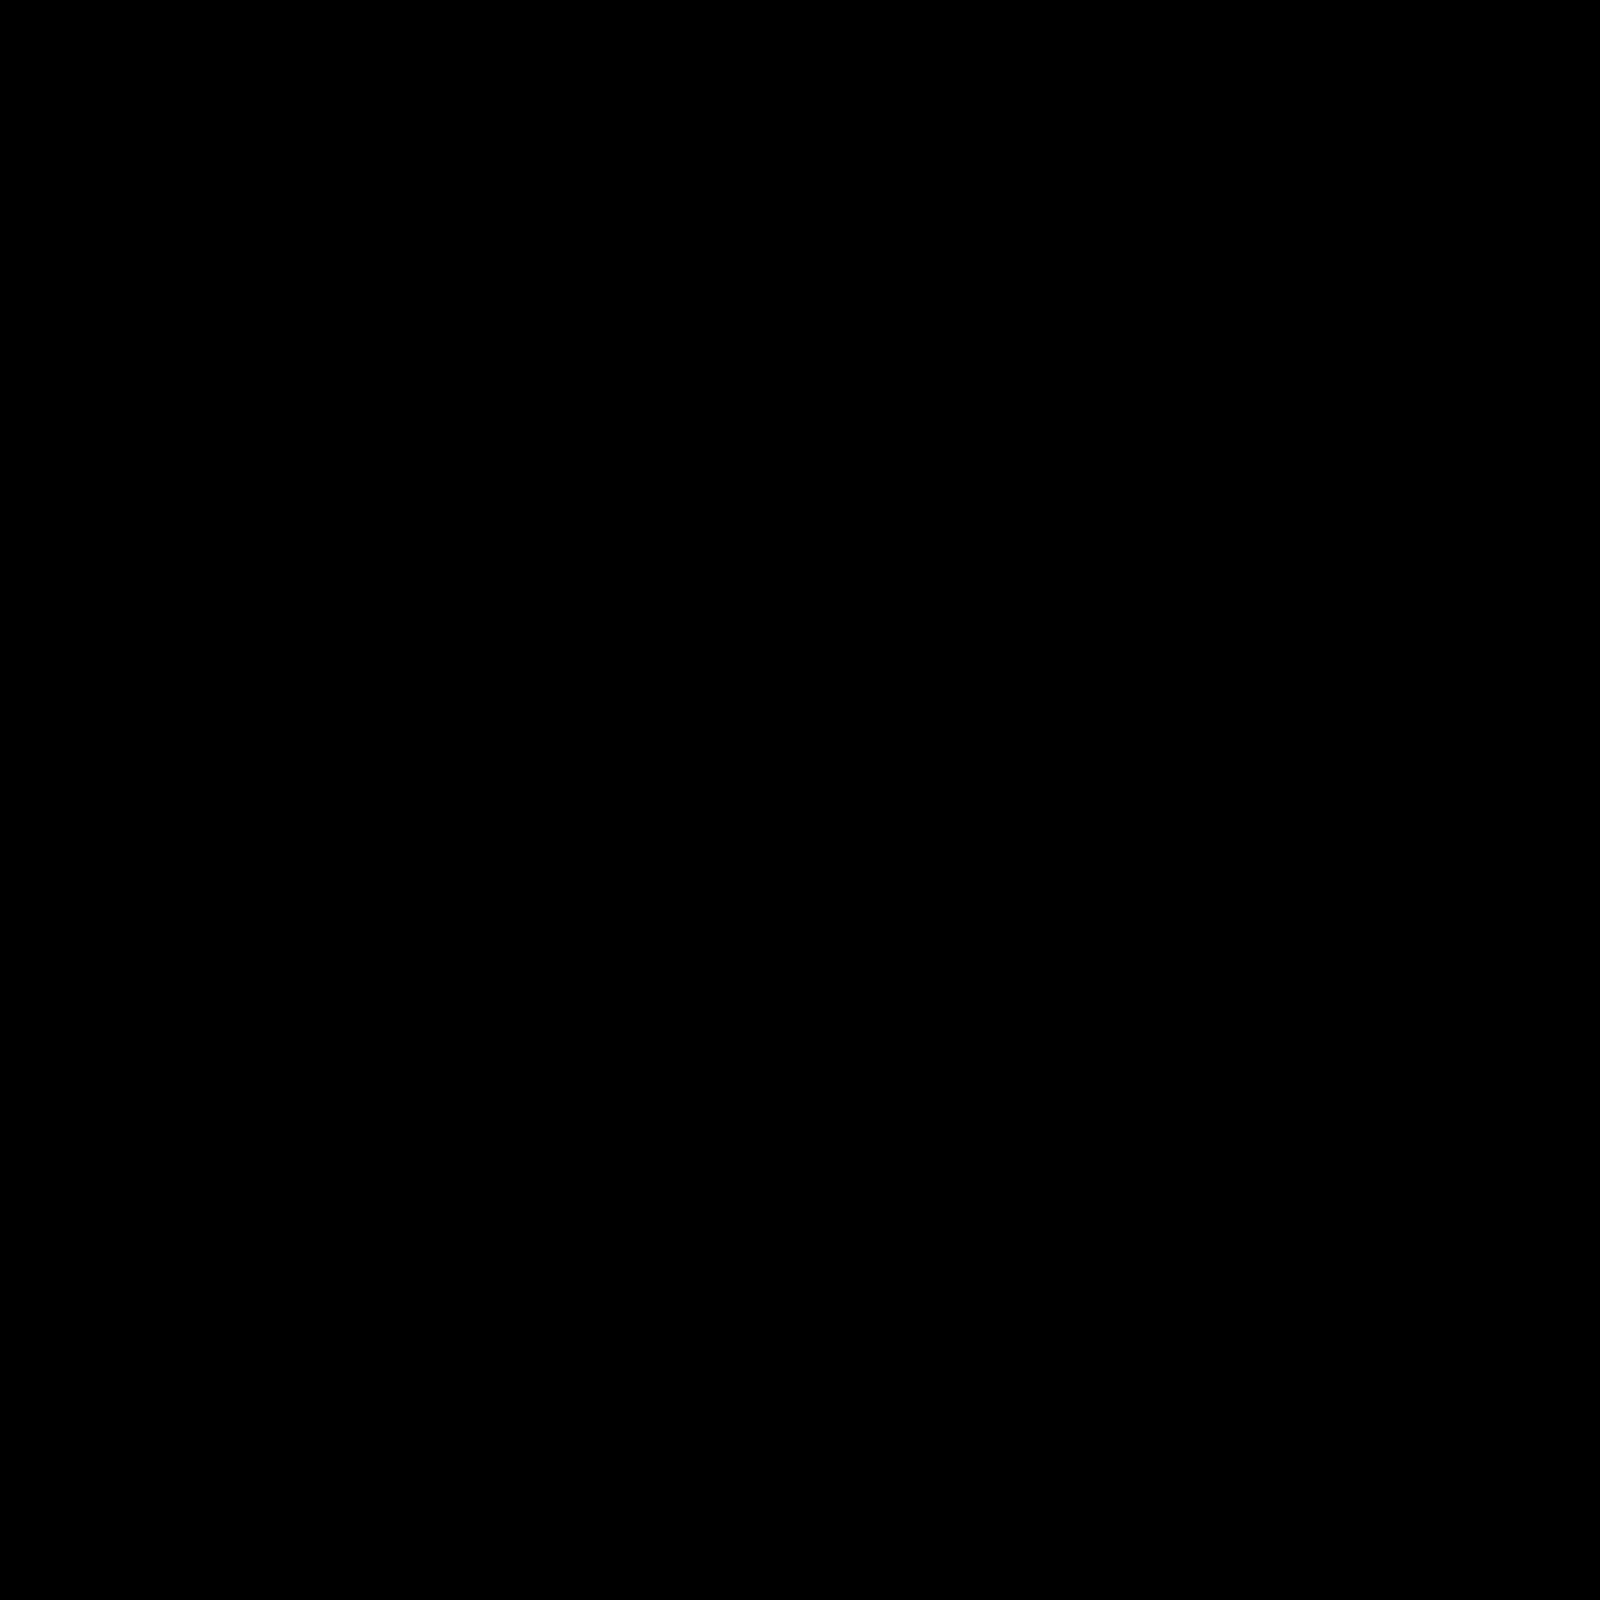 自動明るさ icon